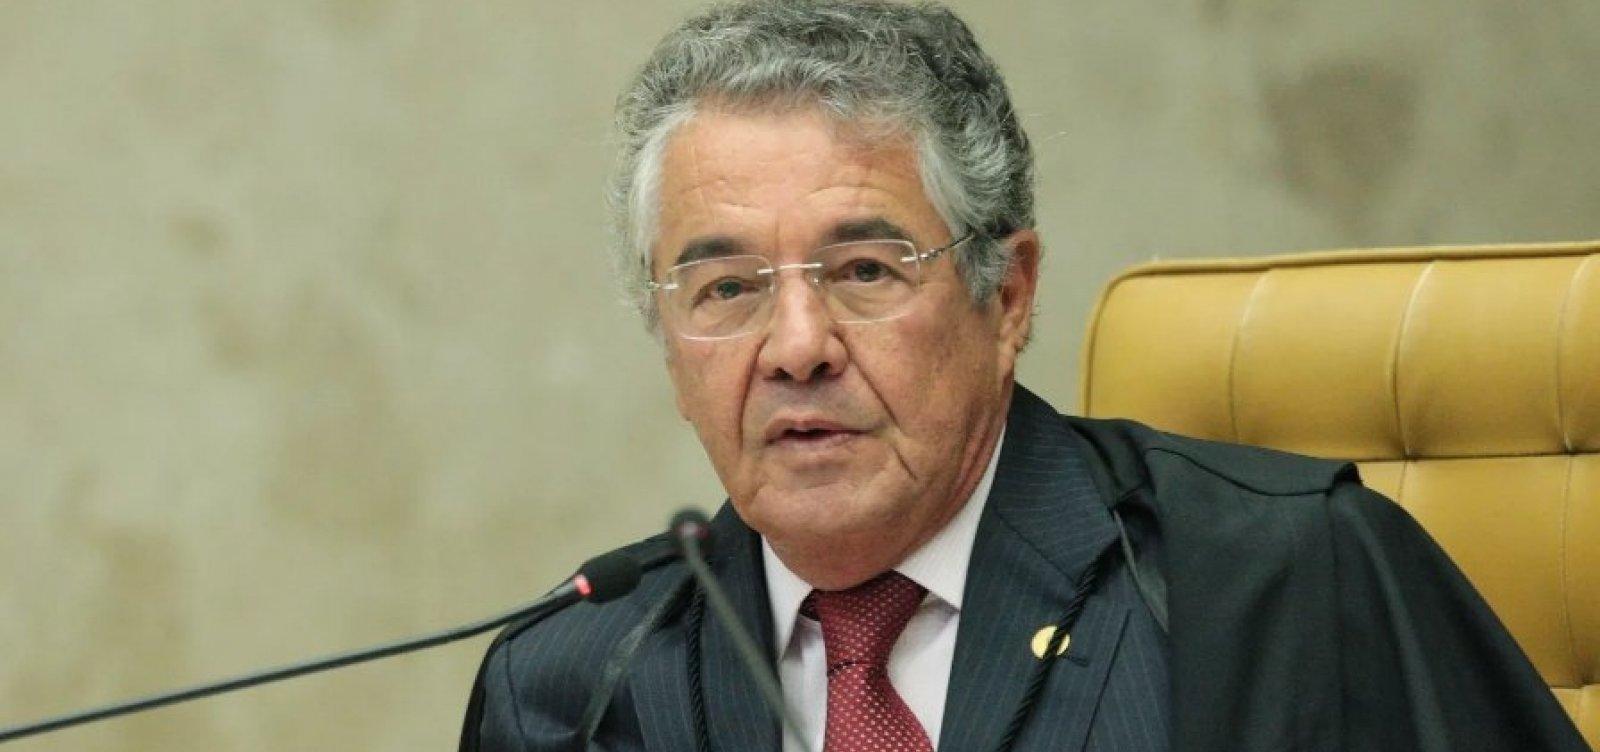 Marco Aurélio diz que 'ladainha' de colegas pode esticar julgamento sobre 2ª instância no STF